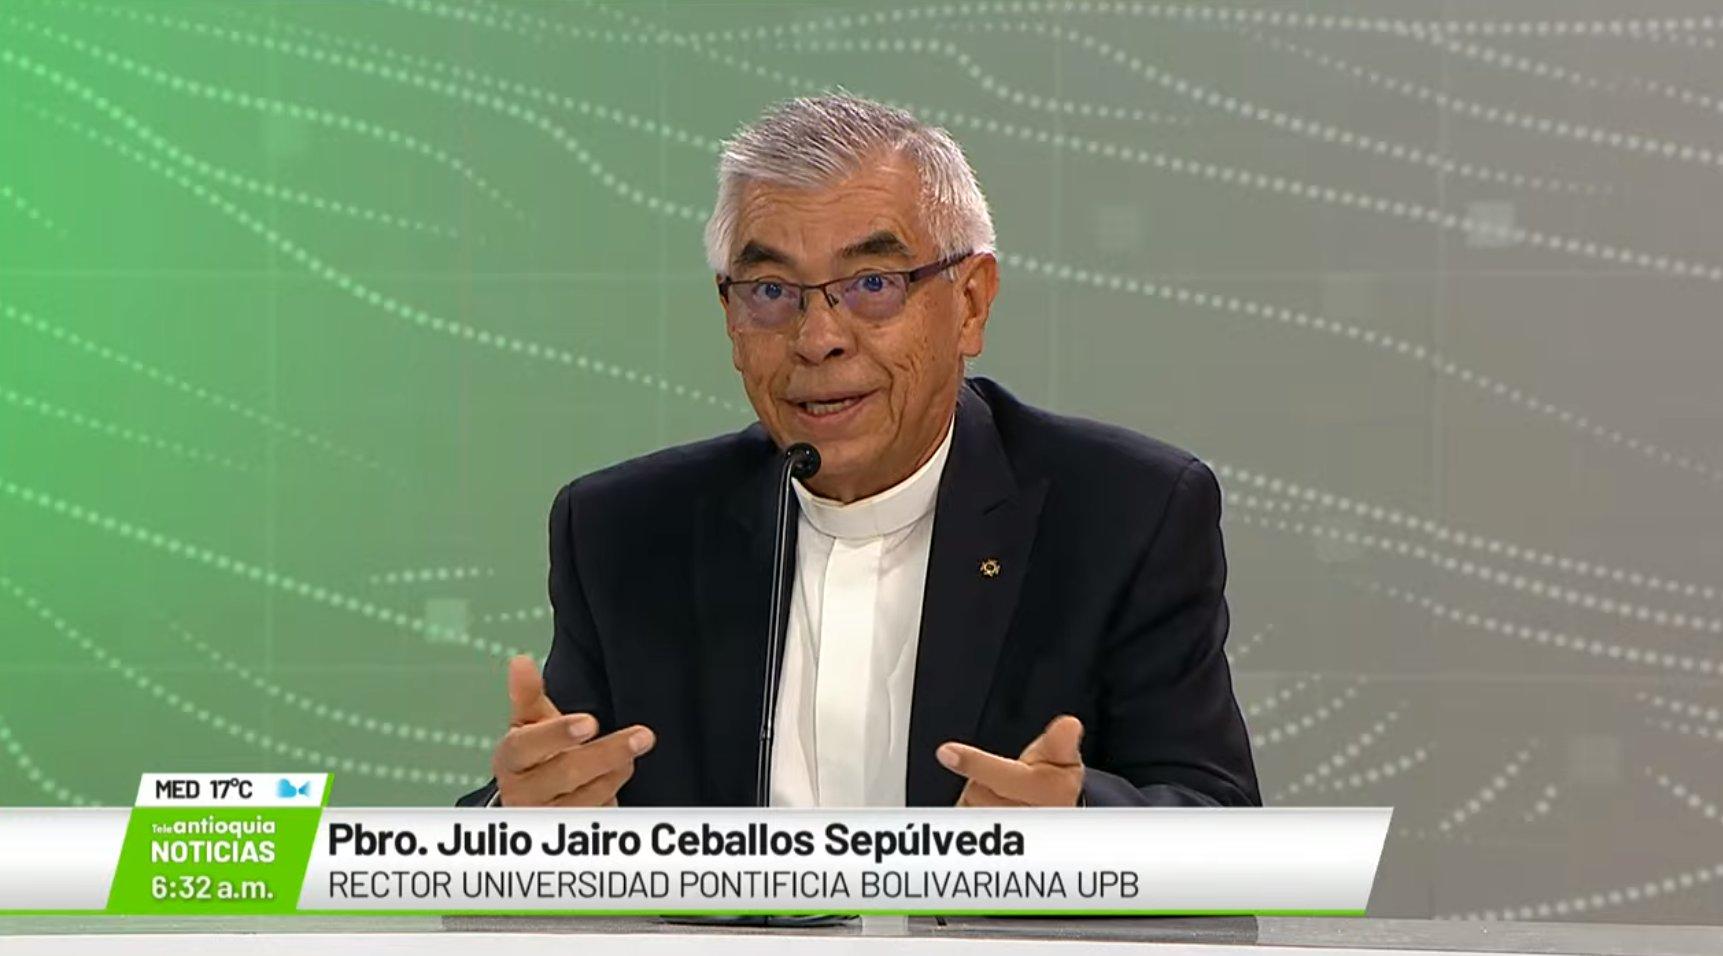 Entrevista con Pbro. Julio Jairo Ceballos Sepúlveda, rector de la UPB